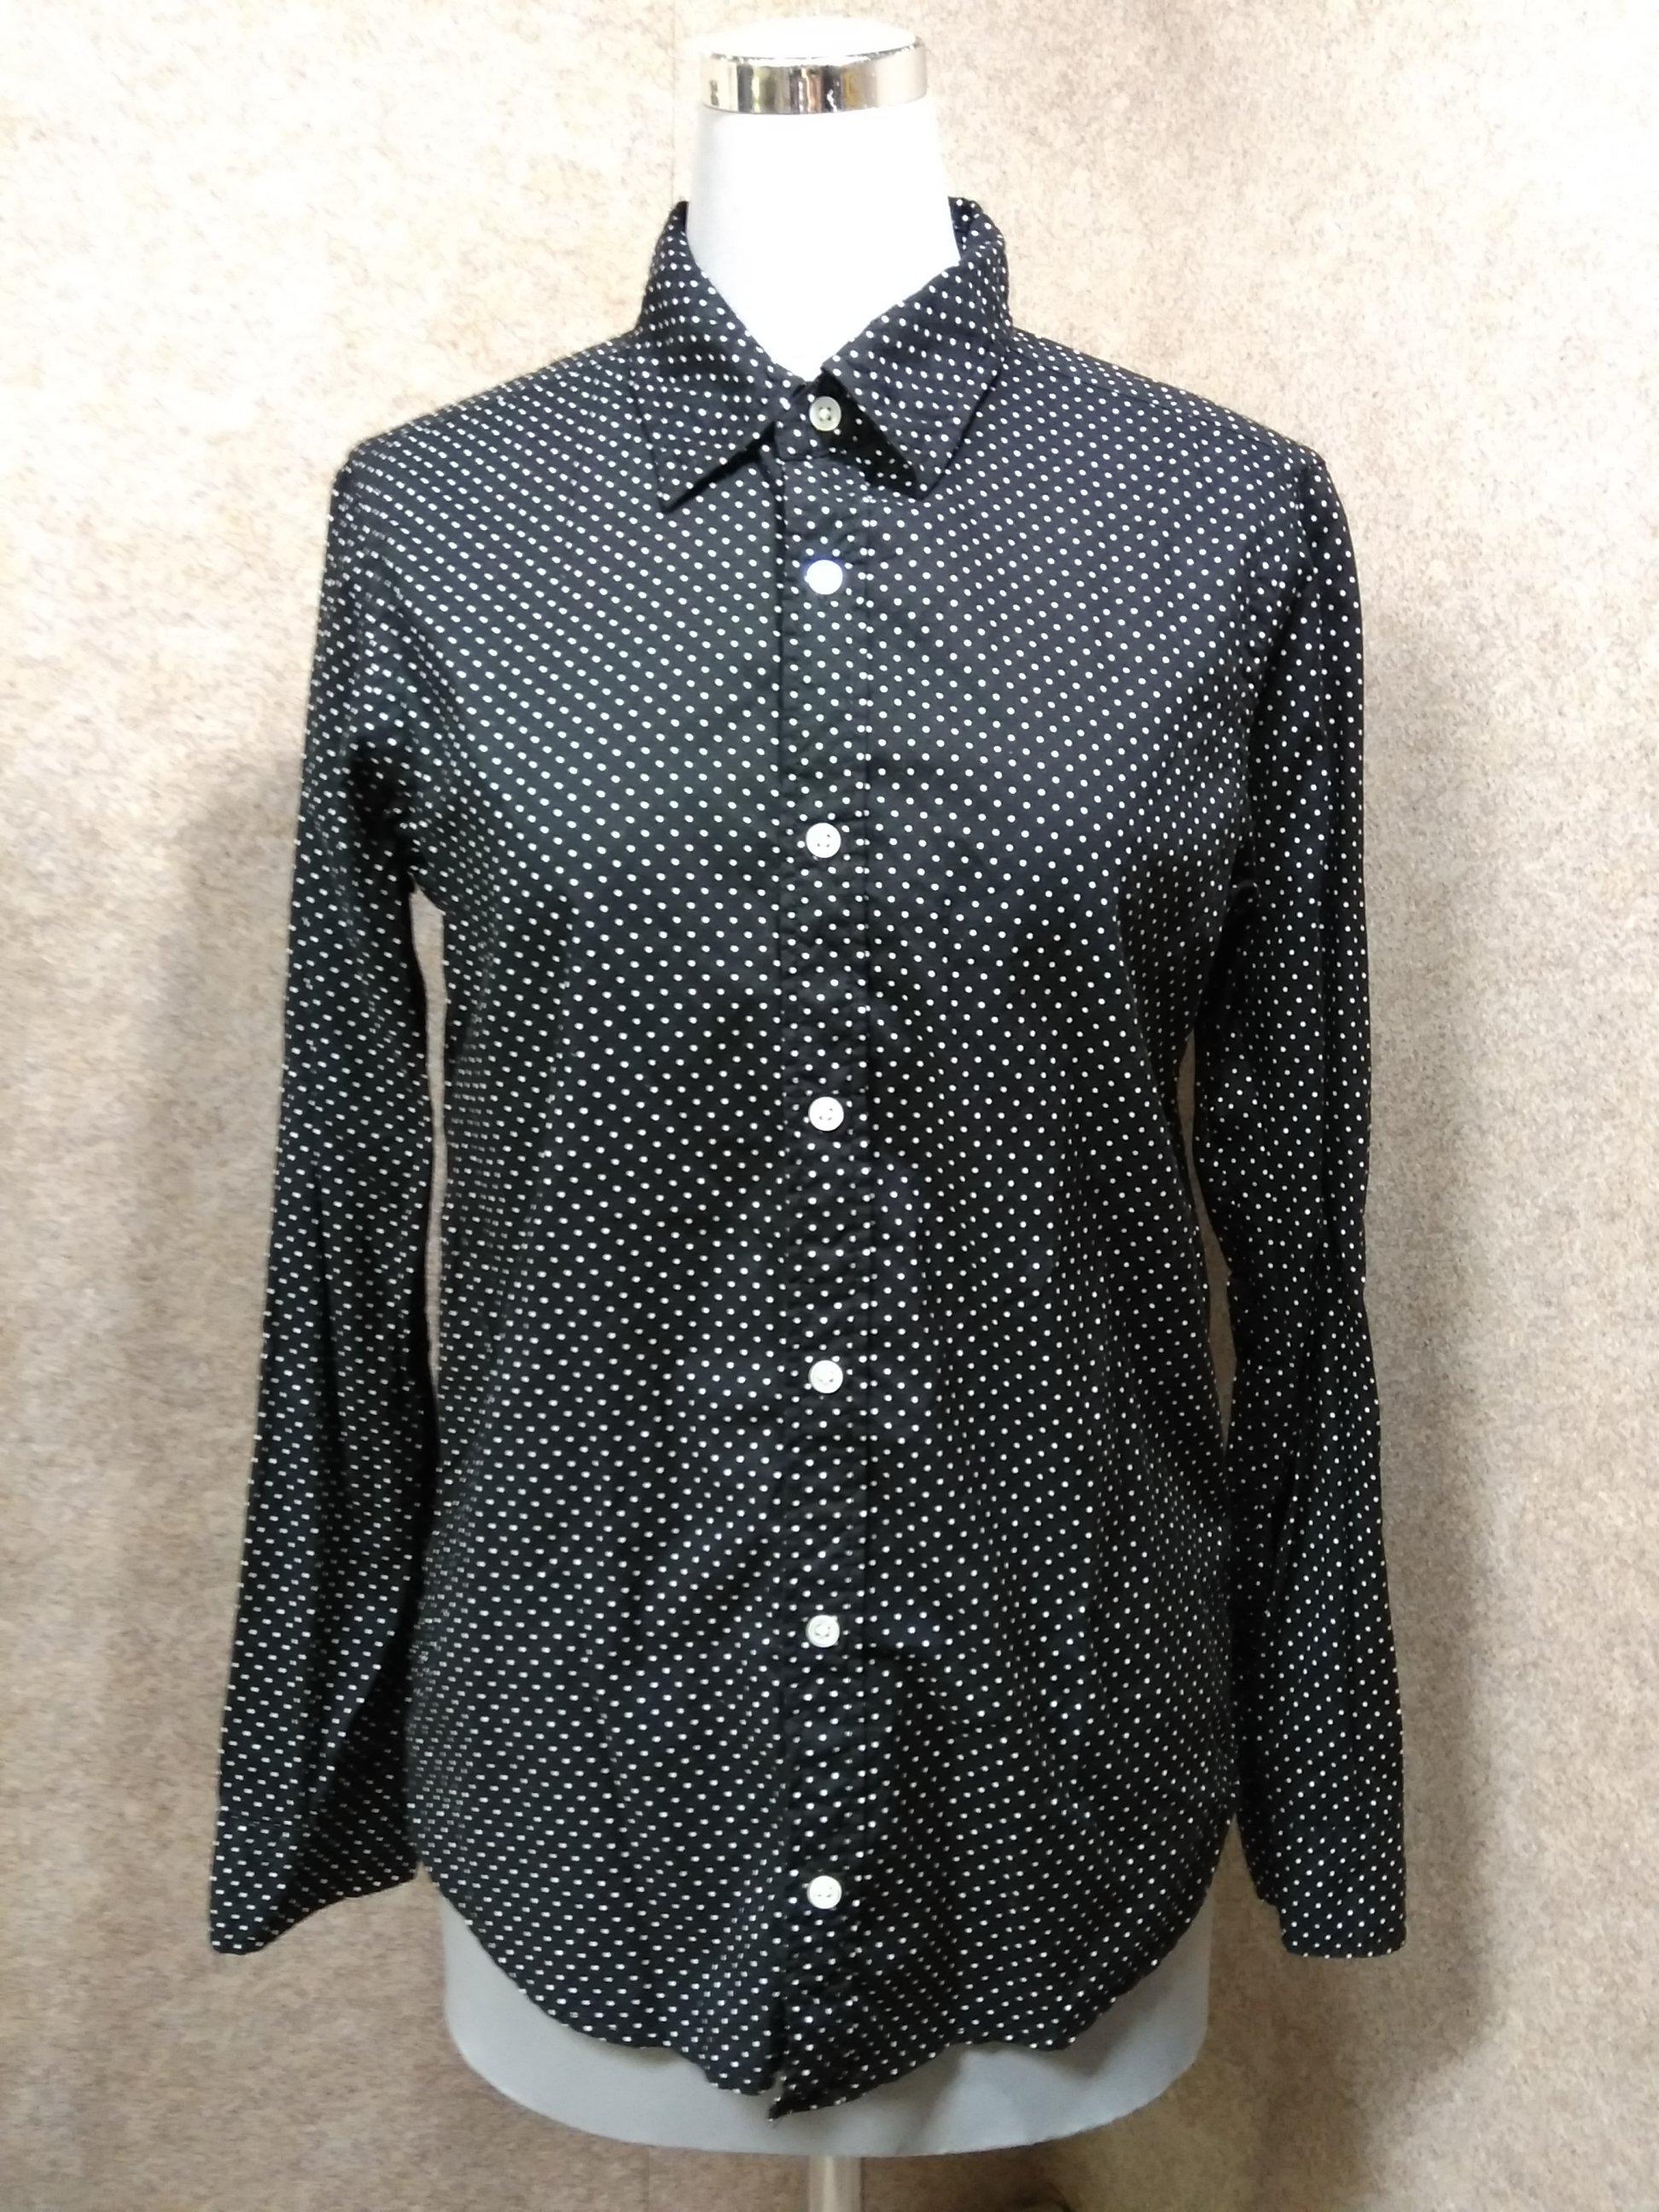 ジャーナルスタンダード ドット柄 長袖 綿 シャツ 黒 1 mu700e